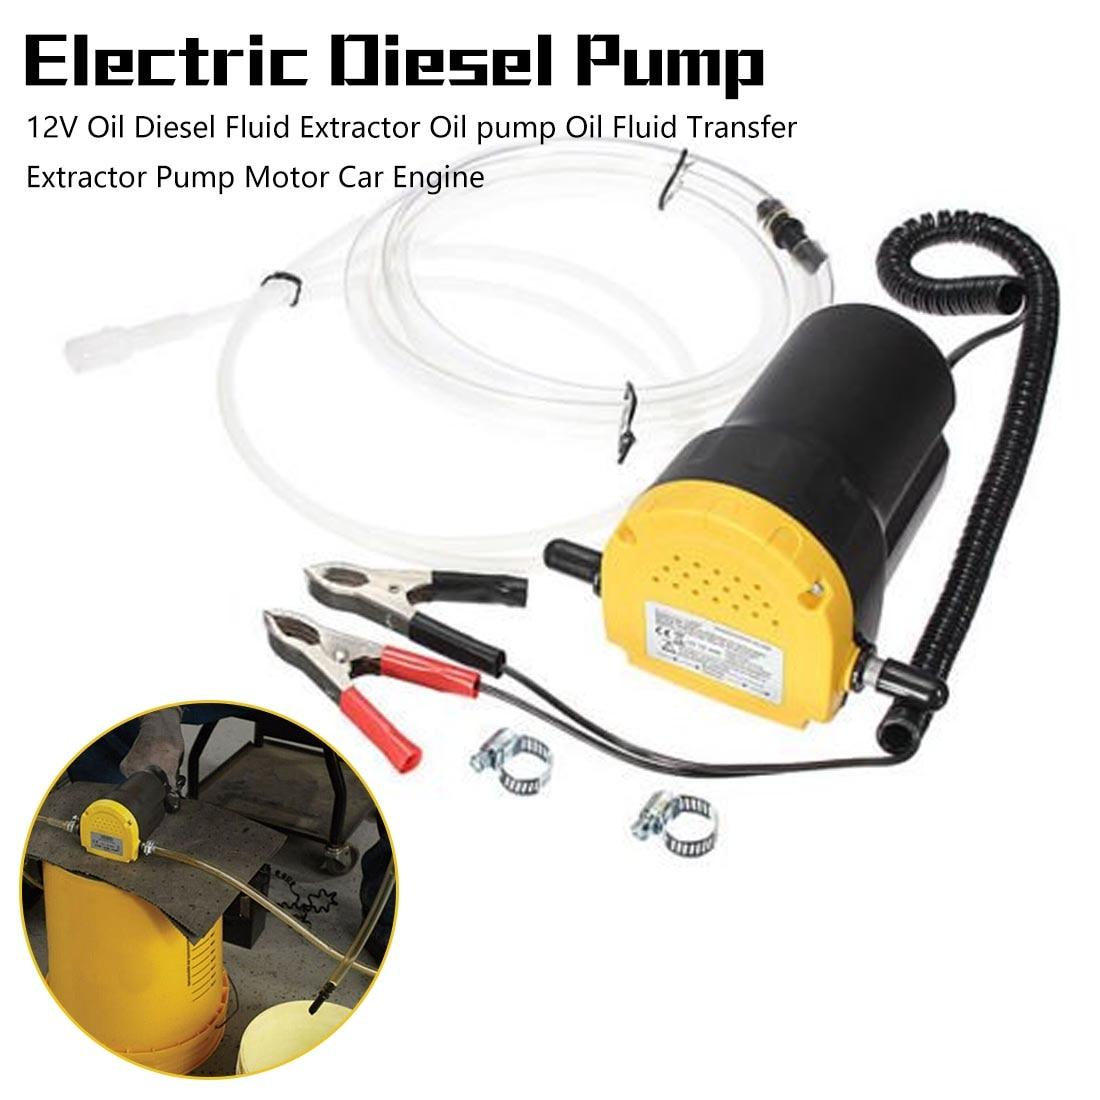 Автомобильный двигатель масляный насос 24 V, 12V электрический масло/дизель жидкости отстойник Extractor Scavenge обмен топливоперекачивающий насос, ...